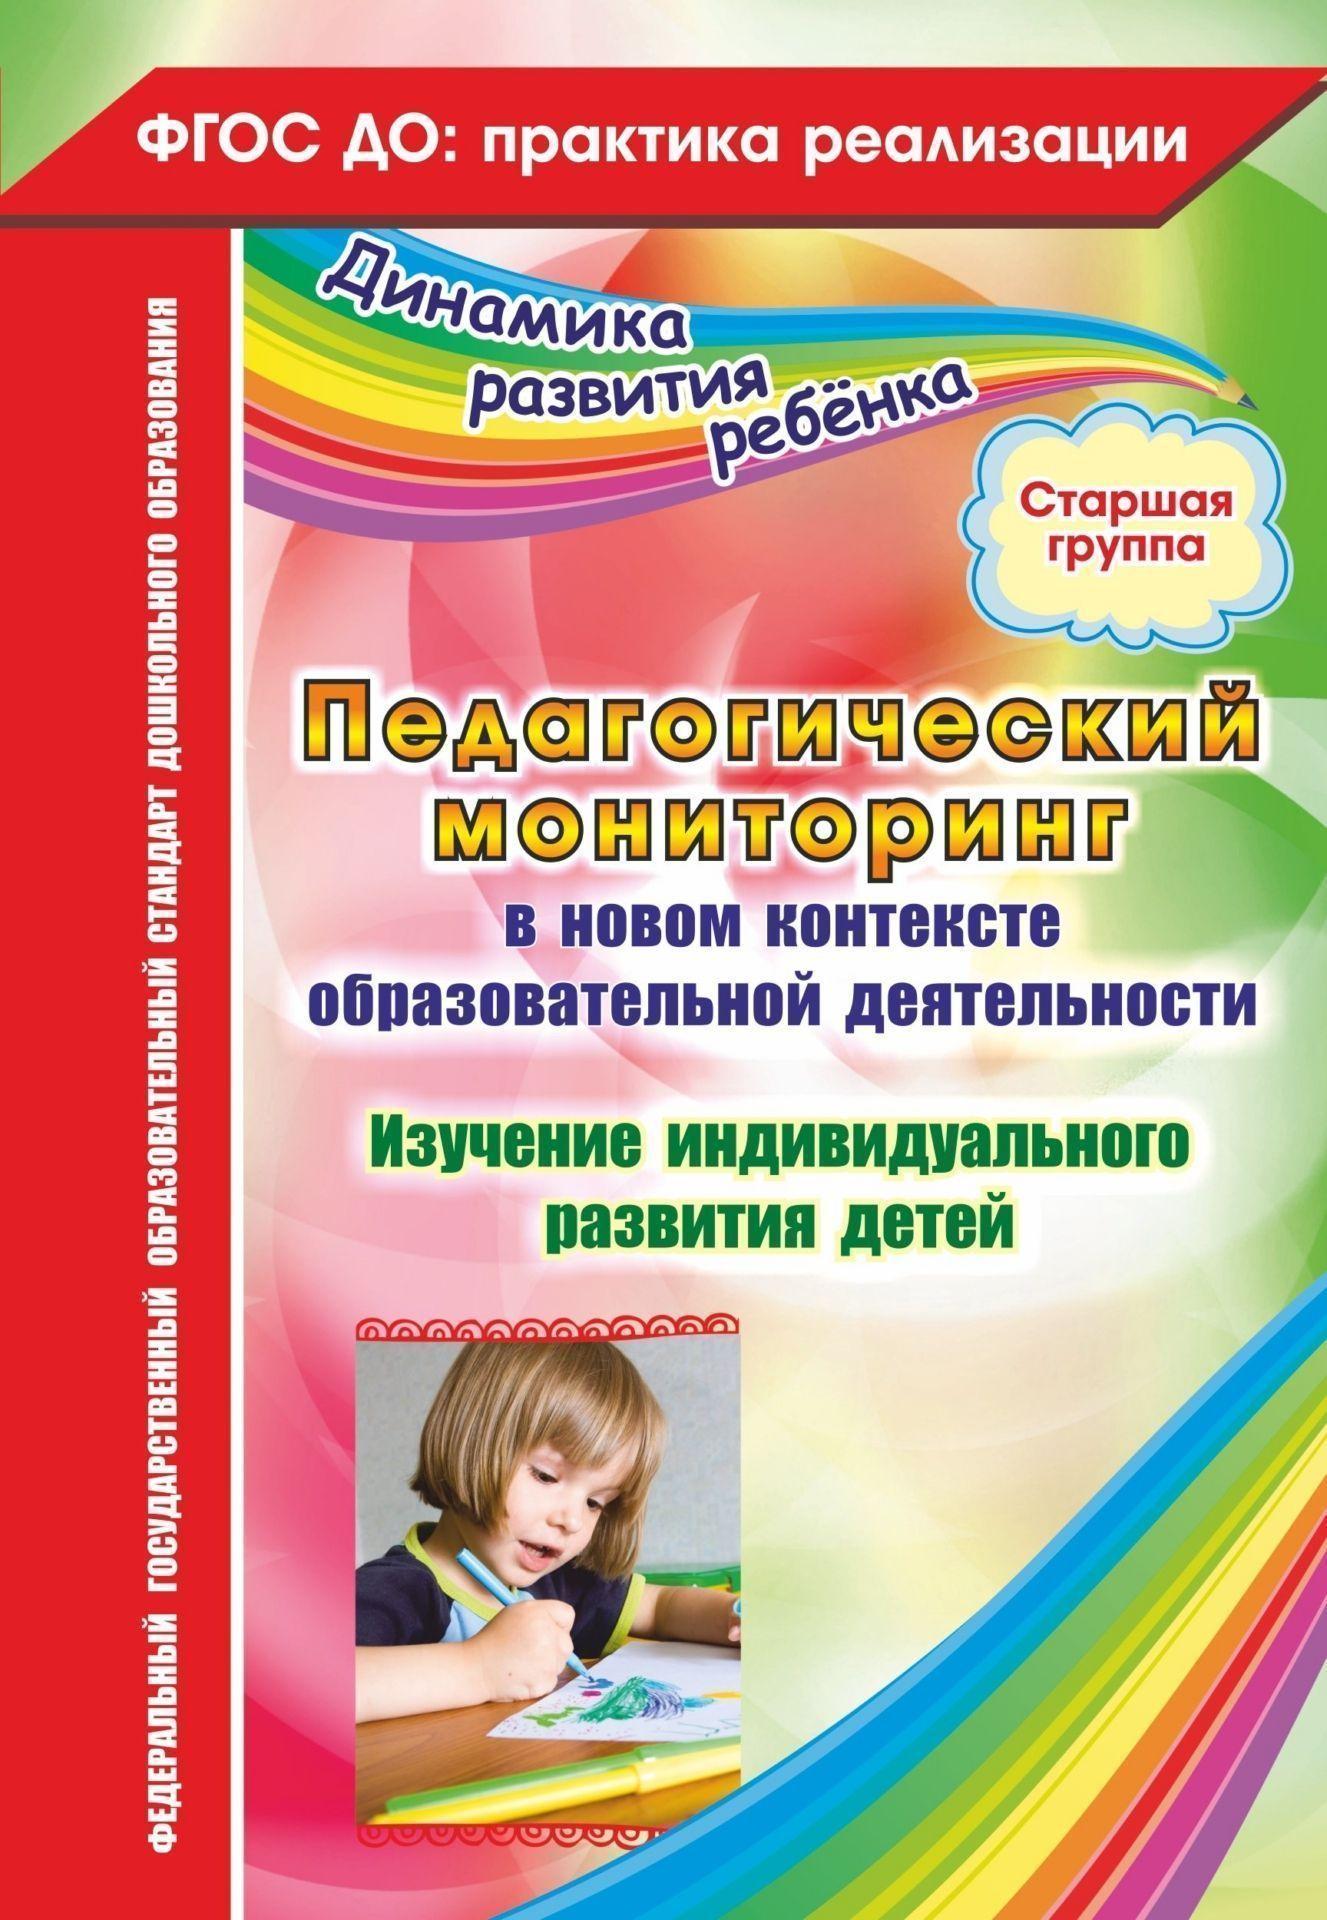 Ю. А. Афонькина Педагогический мониторинг в новом контексте образовательной деятельности. Изучение индивидуального развития детей. Старшая группа